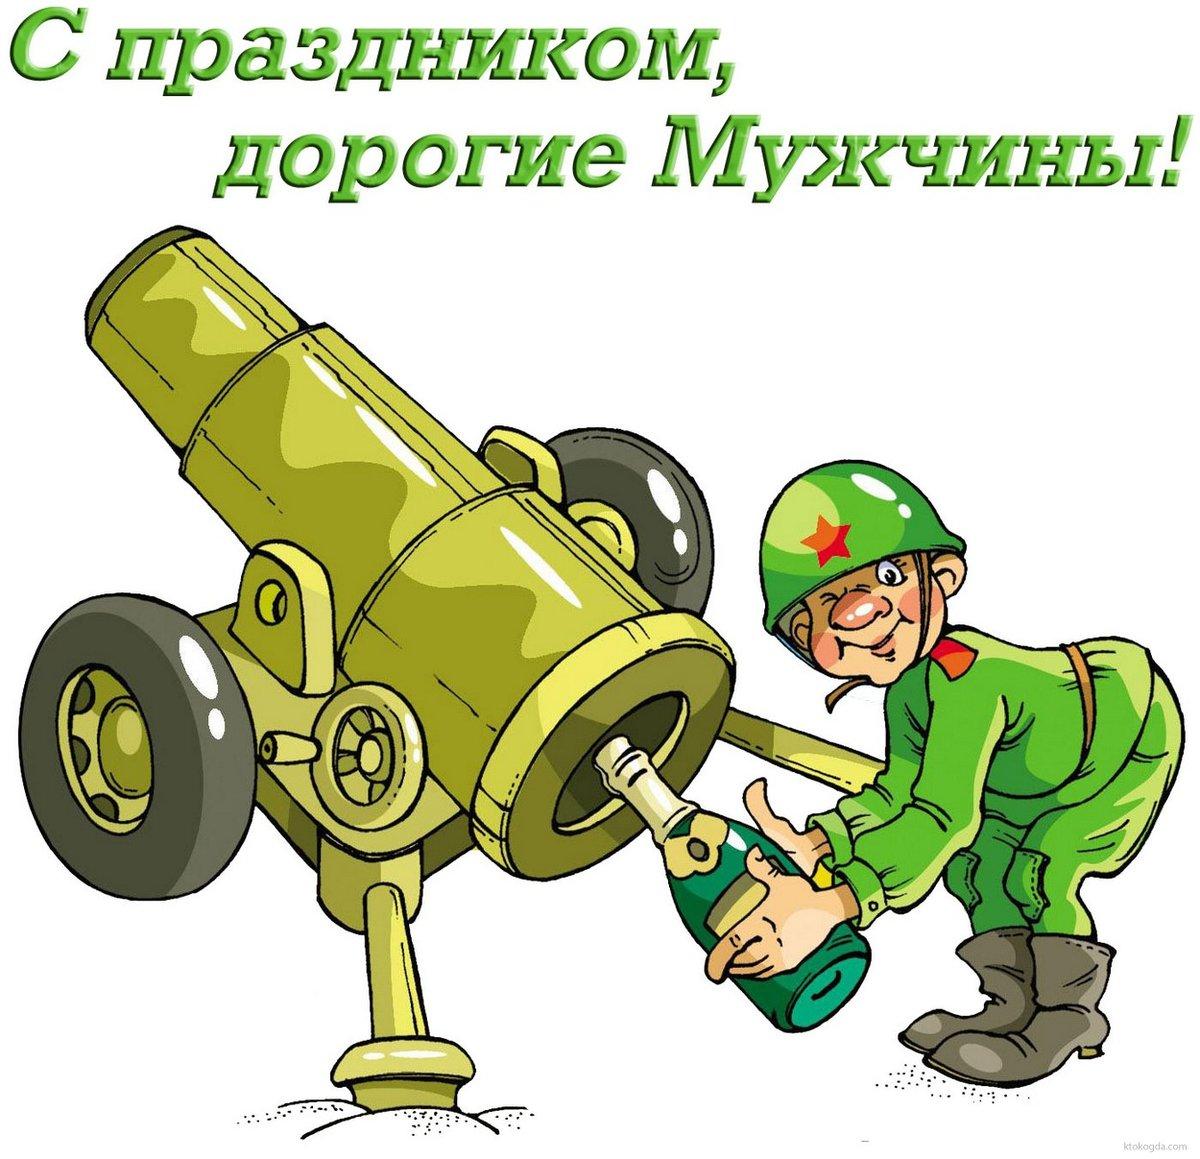 Марта, открытка с солдатами 23 февраля